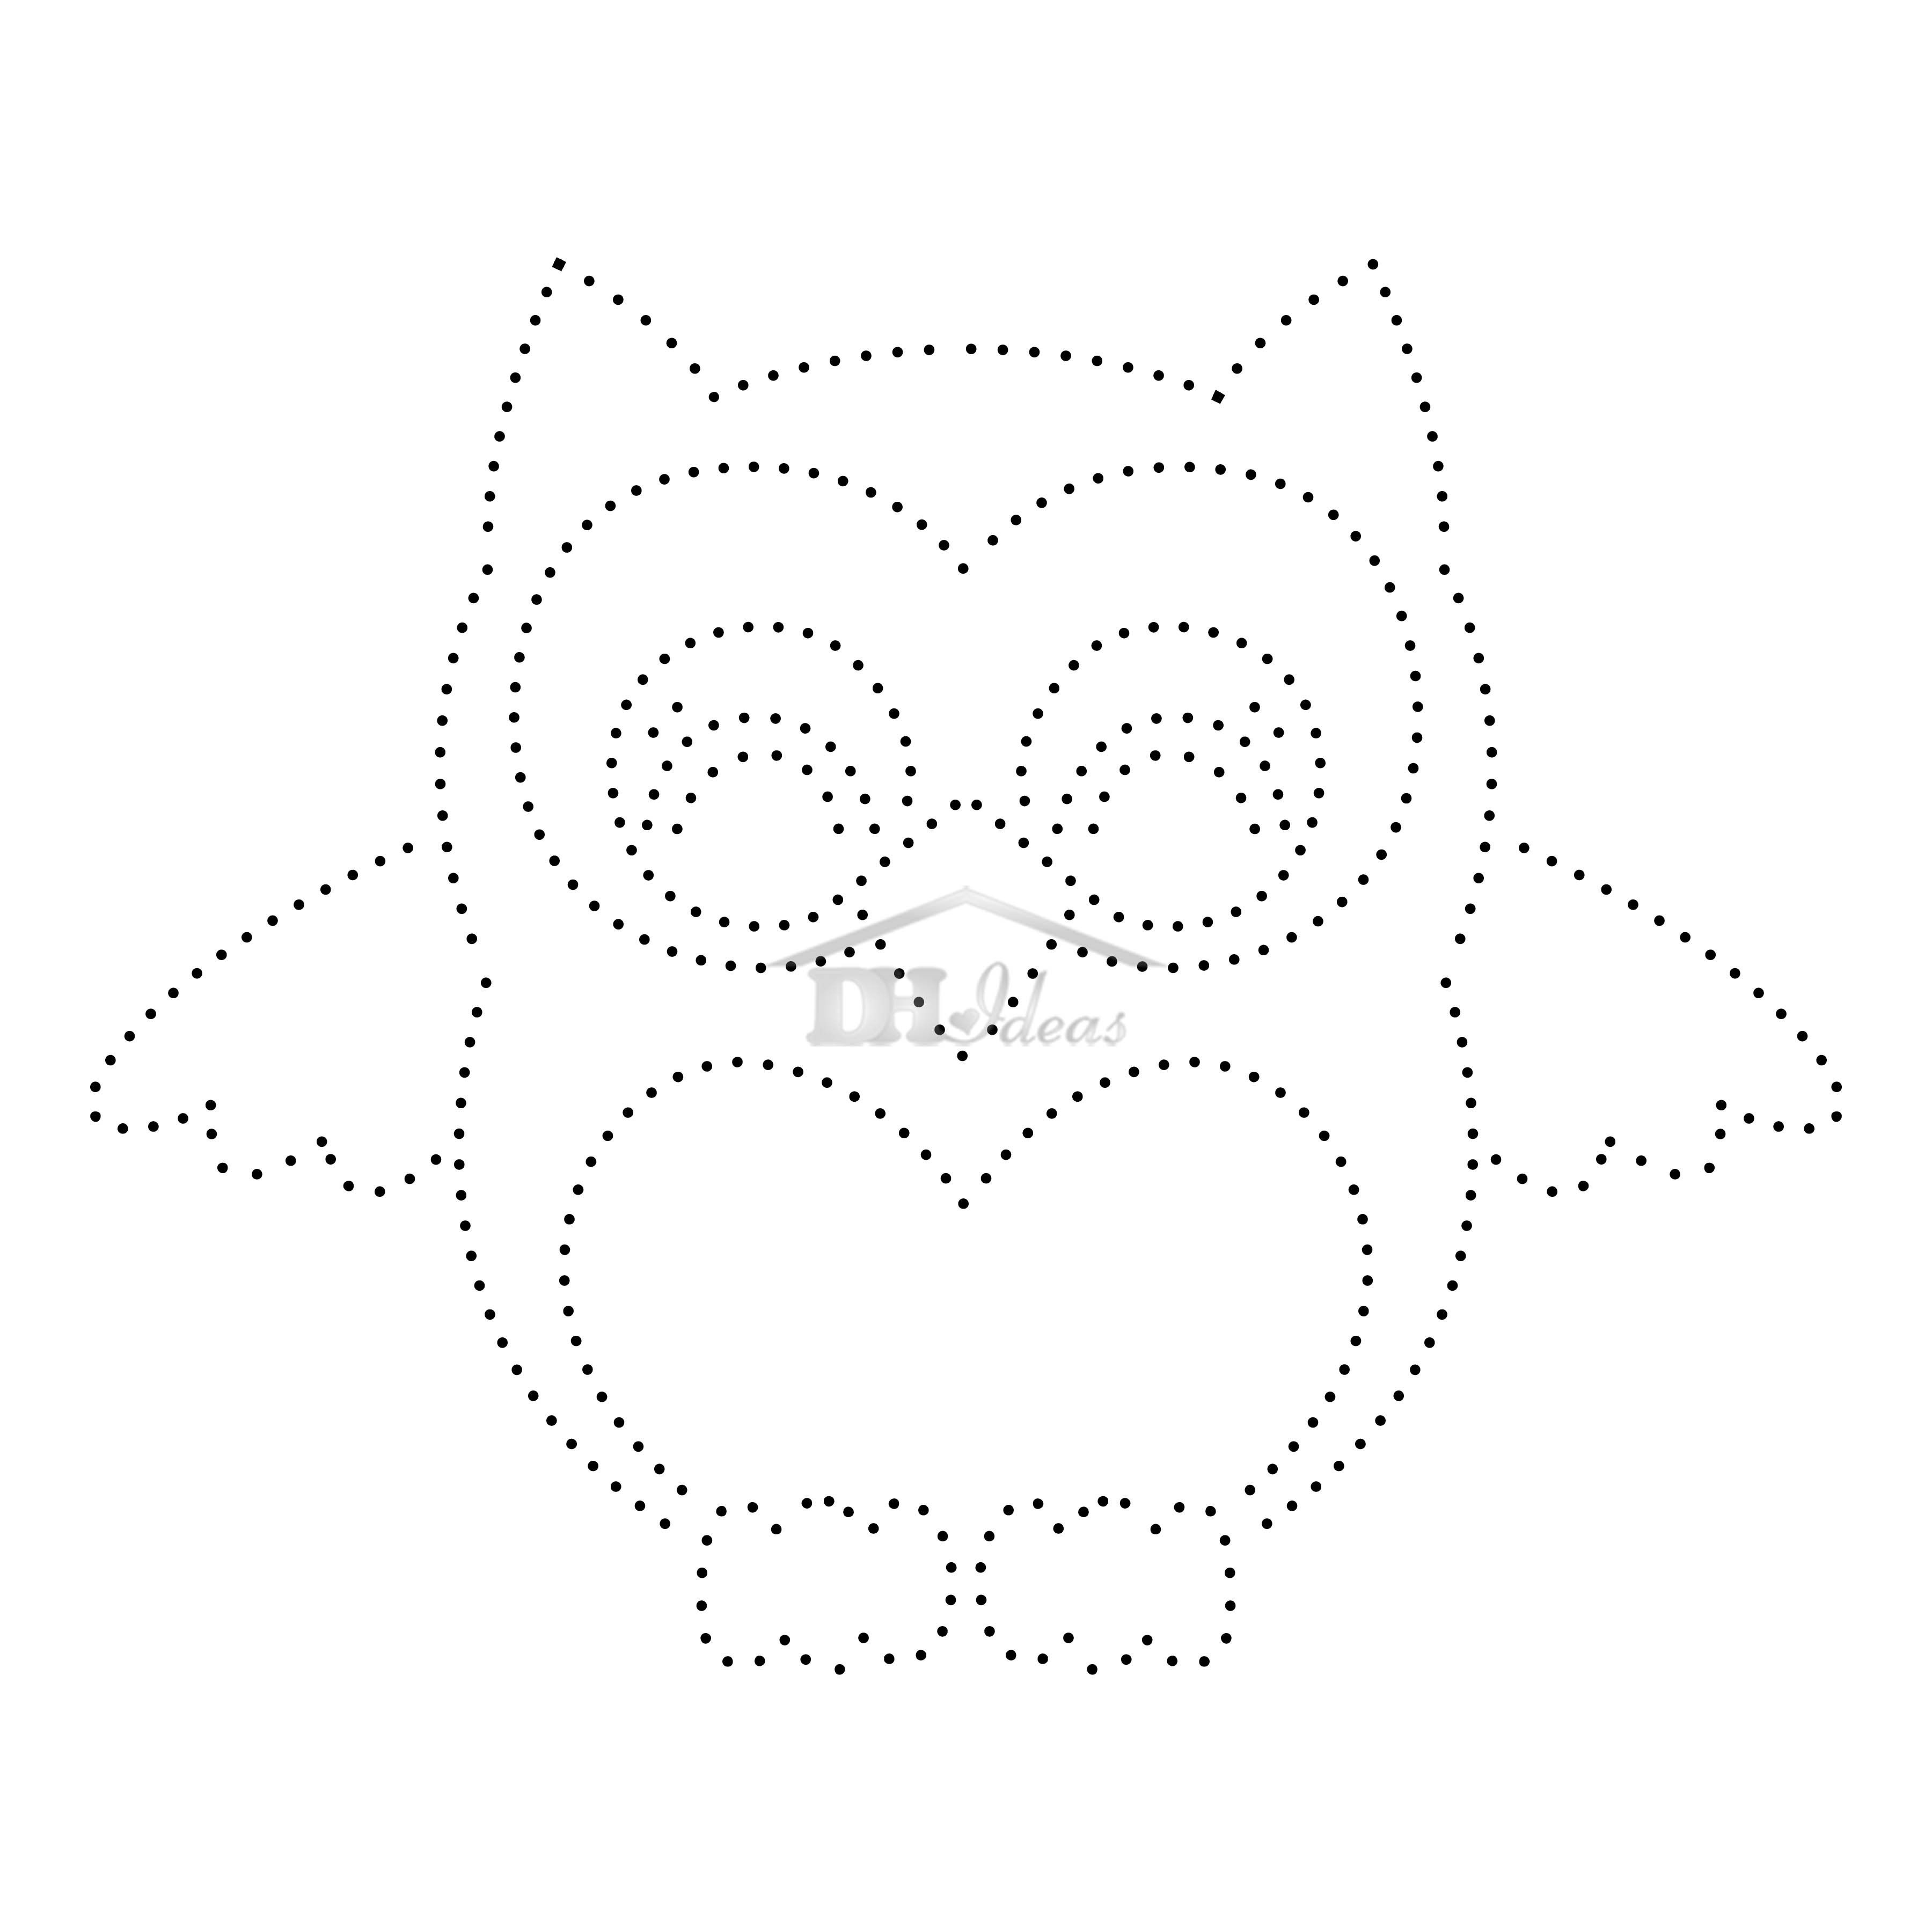 30 Free Printable String Art Patterns Direct Download Decor Home Owl - Free Printable String Art Patterns